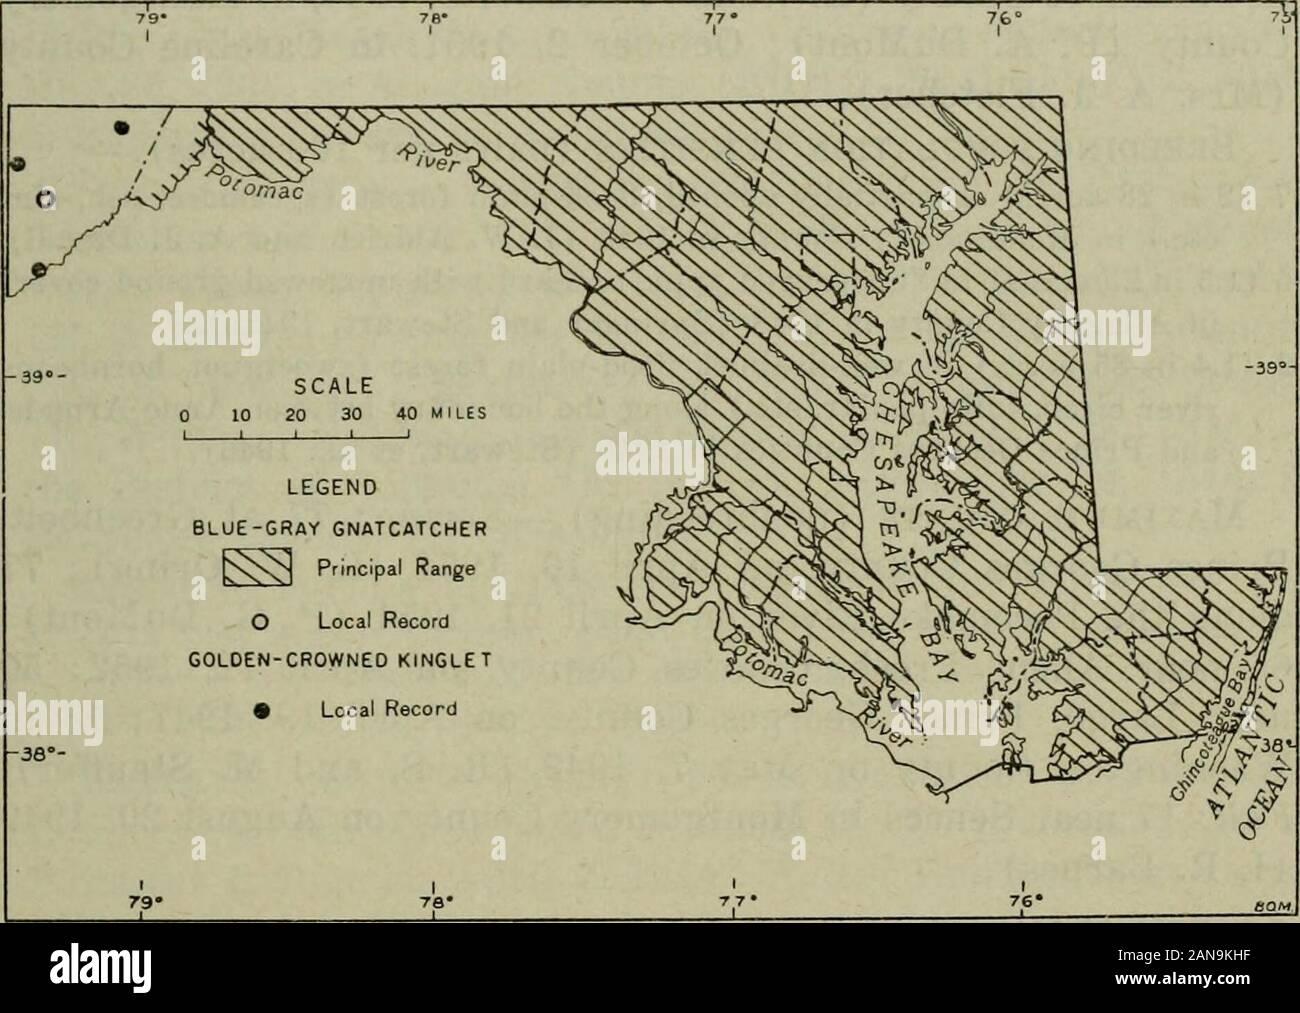 La fauna de América del Norte . Diciembre 26,1952. Bandas.-Una recuperada en el condado de Calvert en octubre 7,1934, había sido en bandas como juvenal en el sudoeste de Nueva Hamp-shire, el 10 de agosto de 1933. Otro príncipe GeorgesCounty anilladas en el 13 de octubre de 1943, fue recuperado el 15 de abril de 1946,en el norte de Virginia (alrededor de 20 millas desde el punto de bandas). Las aves de Maryland Y EL DISTRITO DE COLUMBIA 253 familia Sylviidae azul-gris GNATCATCHER Polioptila caeru/ea (Linnaeus) estado.-cría y transitorio (véase la fig. 45) : Common enla Costa Este, costa oeste y la parte superior de Chesapeake sec-ciones; bastante comunes en el ri Foto de stock